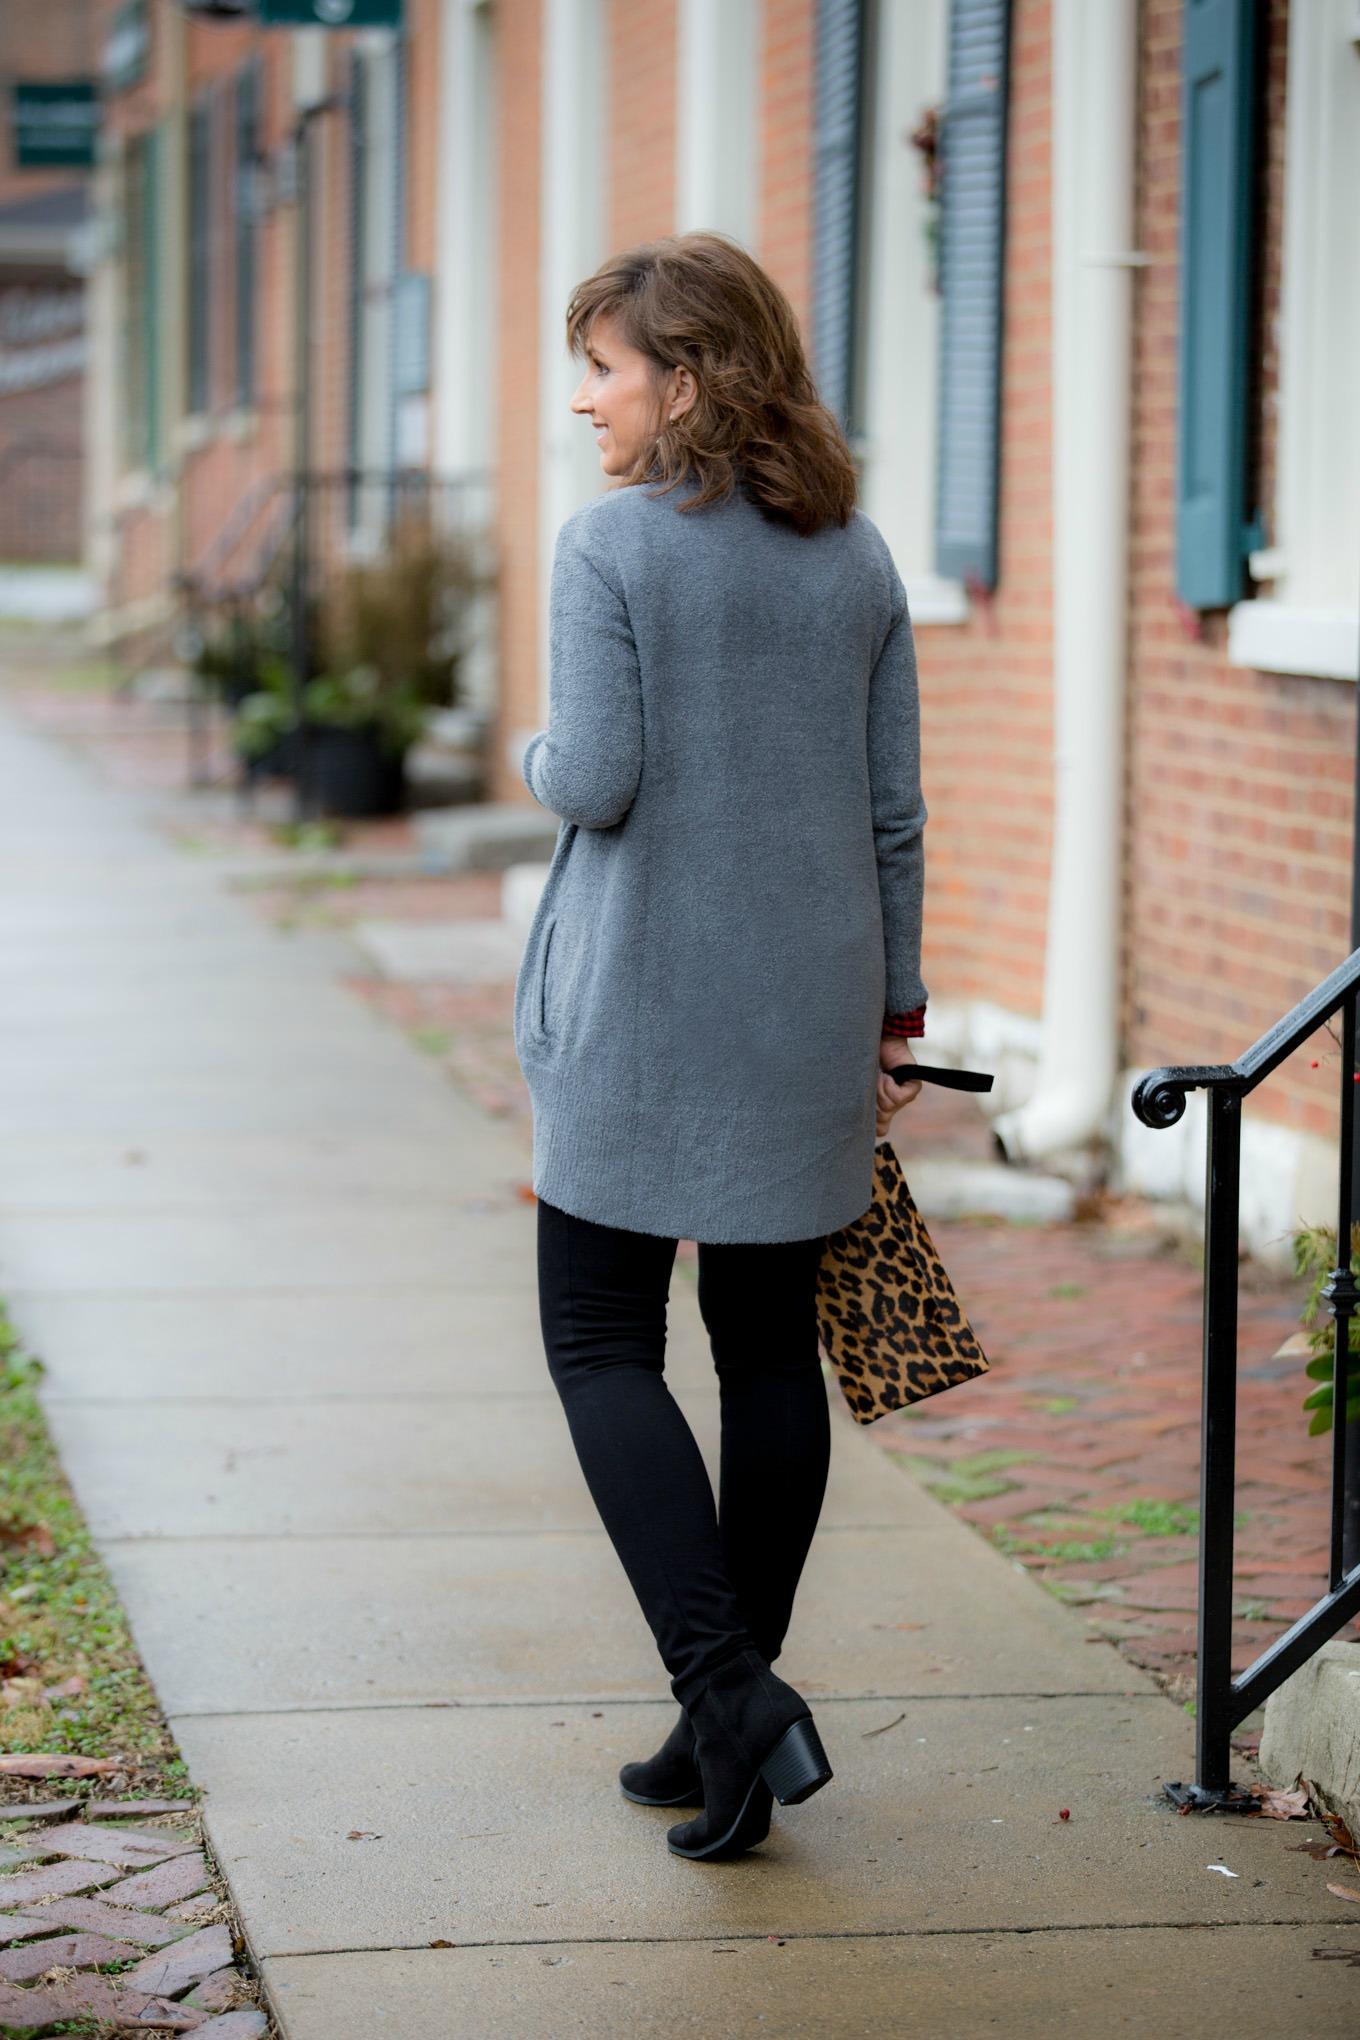 Fashion blogger, Cyndi Spivey, styling a cozy cardigan.